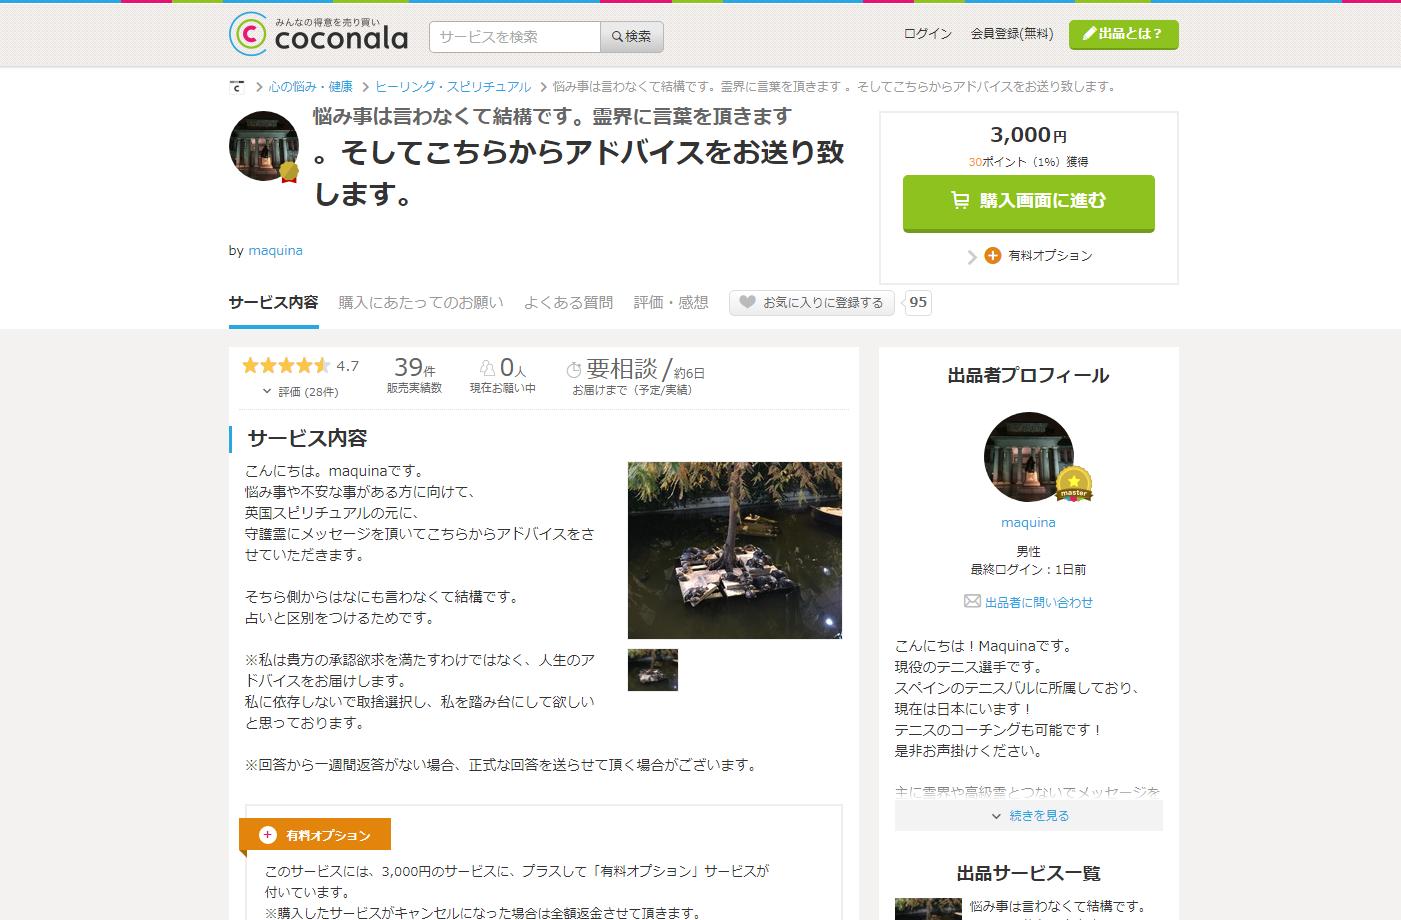 ココナラPC画面